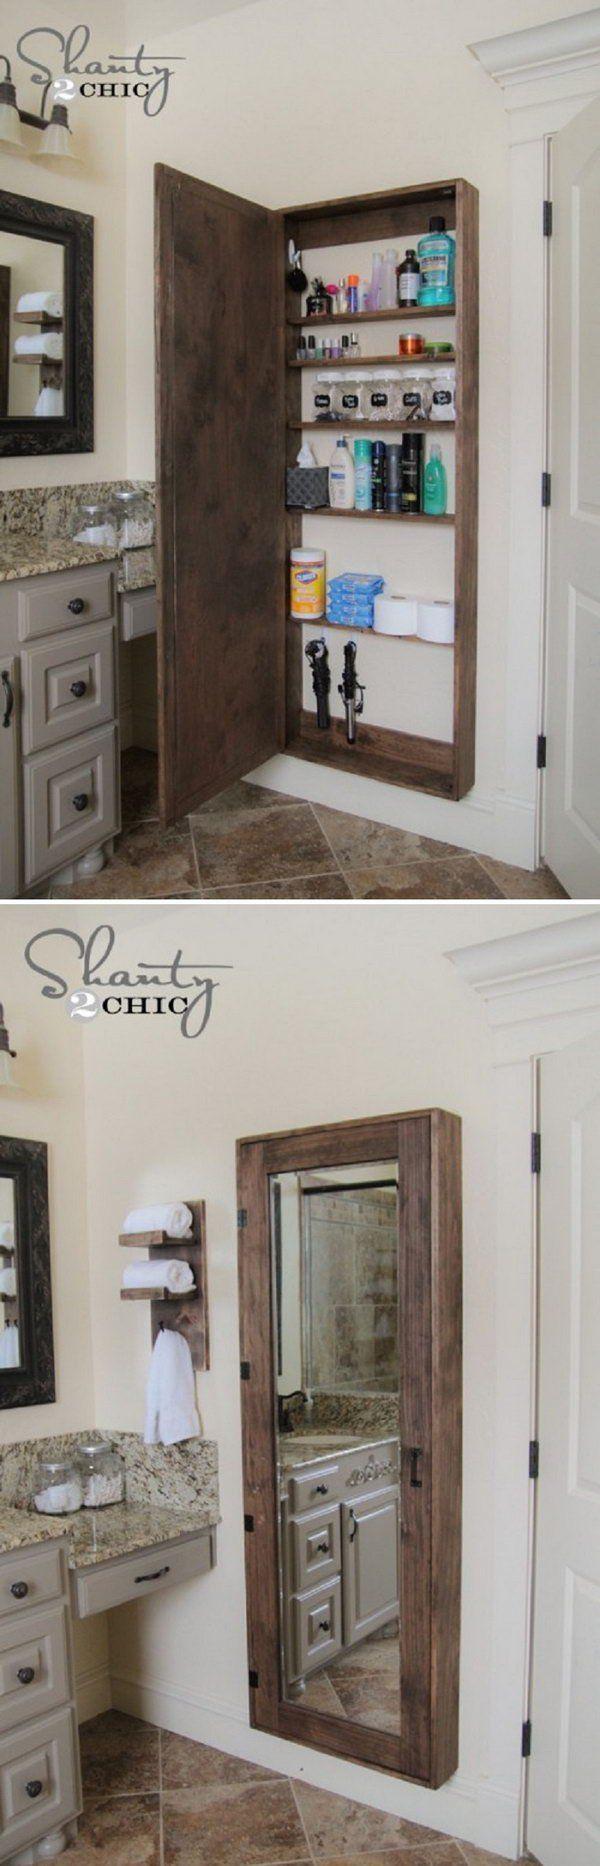 Ideas almacenamiento ba o repisa espejo proyectos que for Gabinete de almacenamiento para el dormitorio